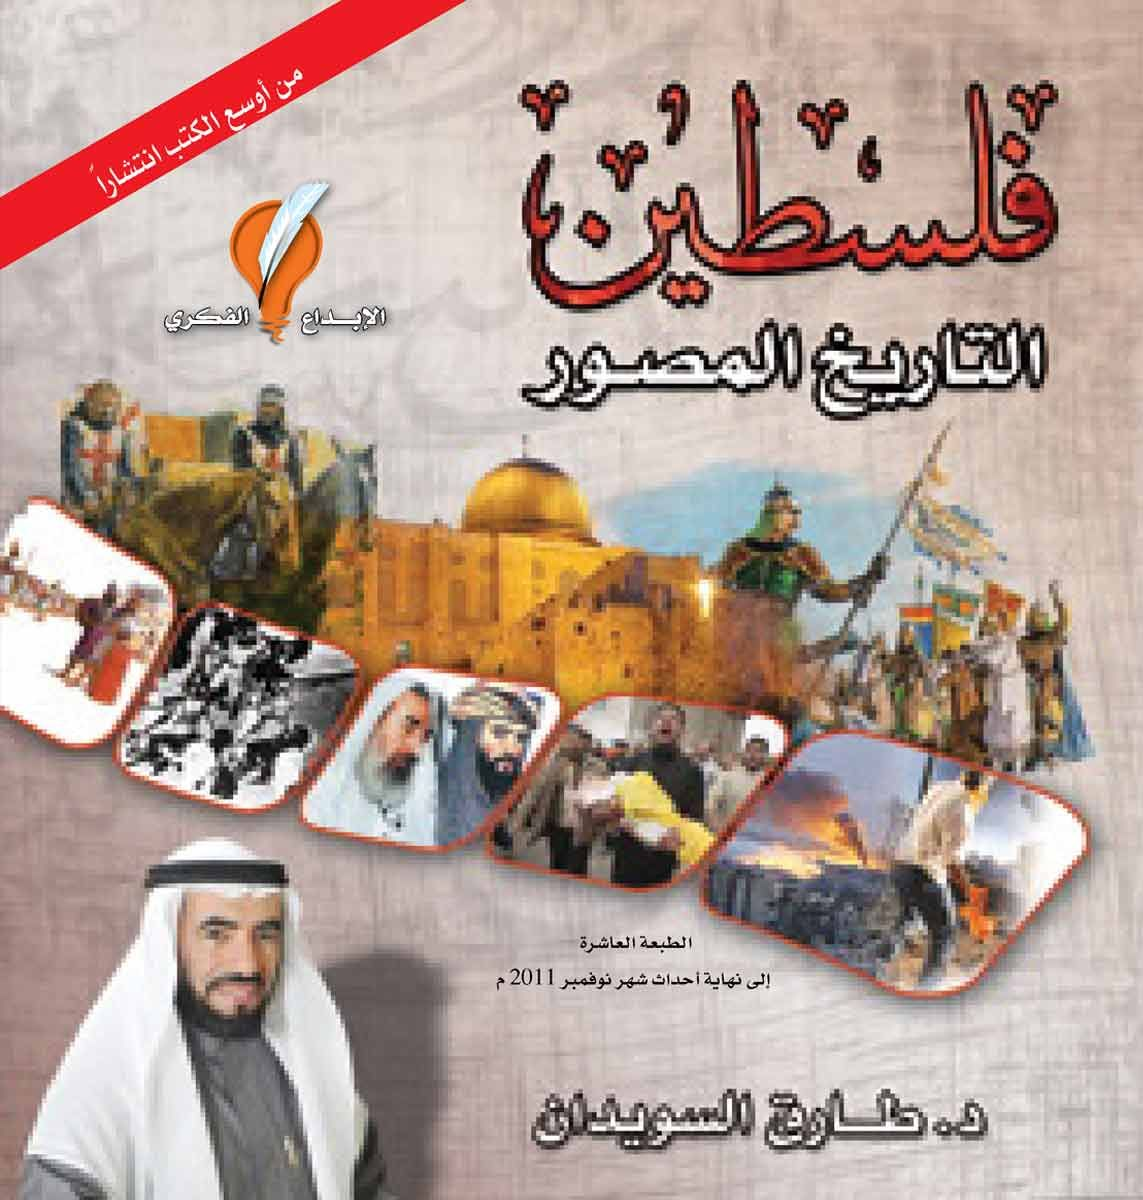 فلسطين التاريخ المصور